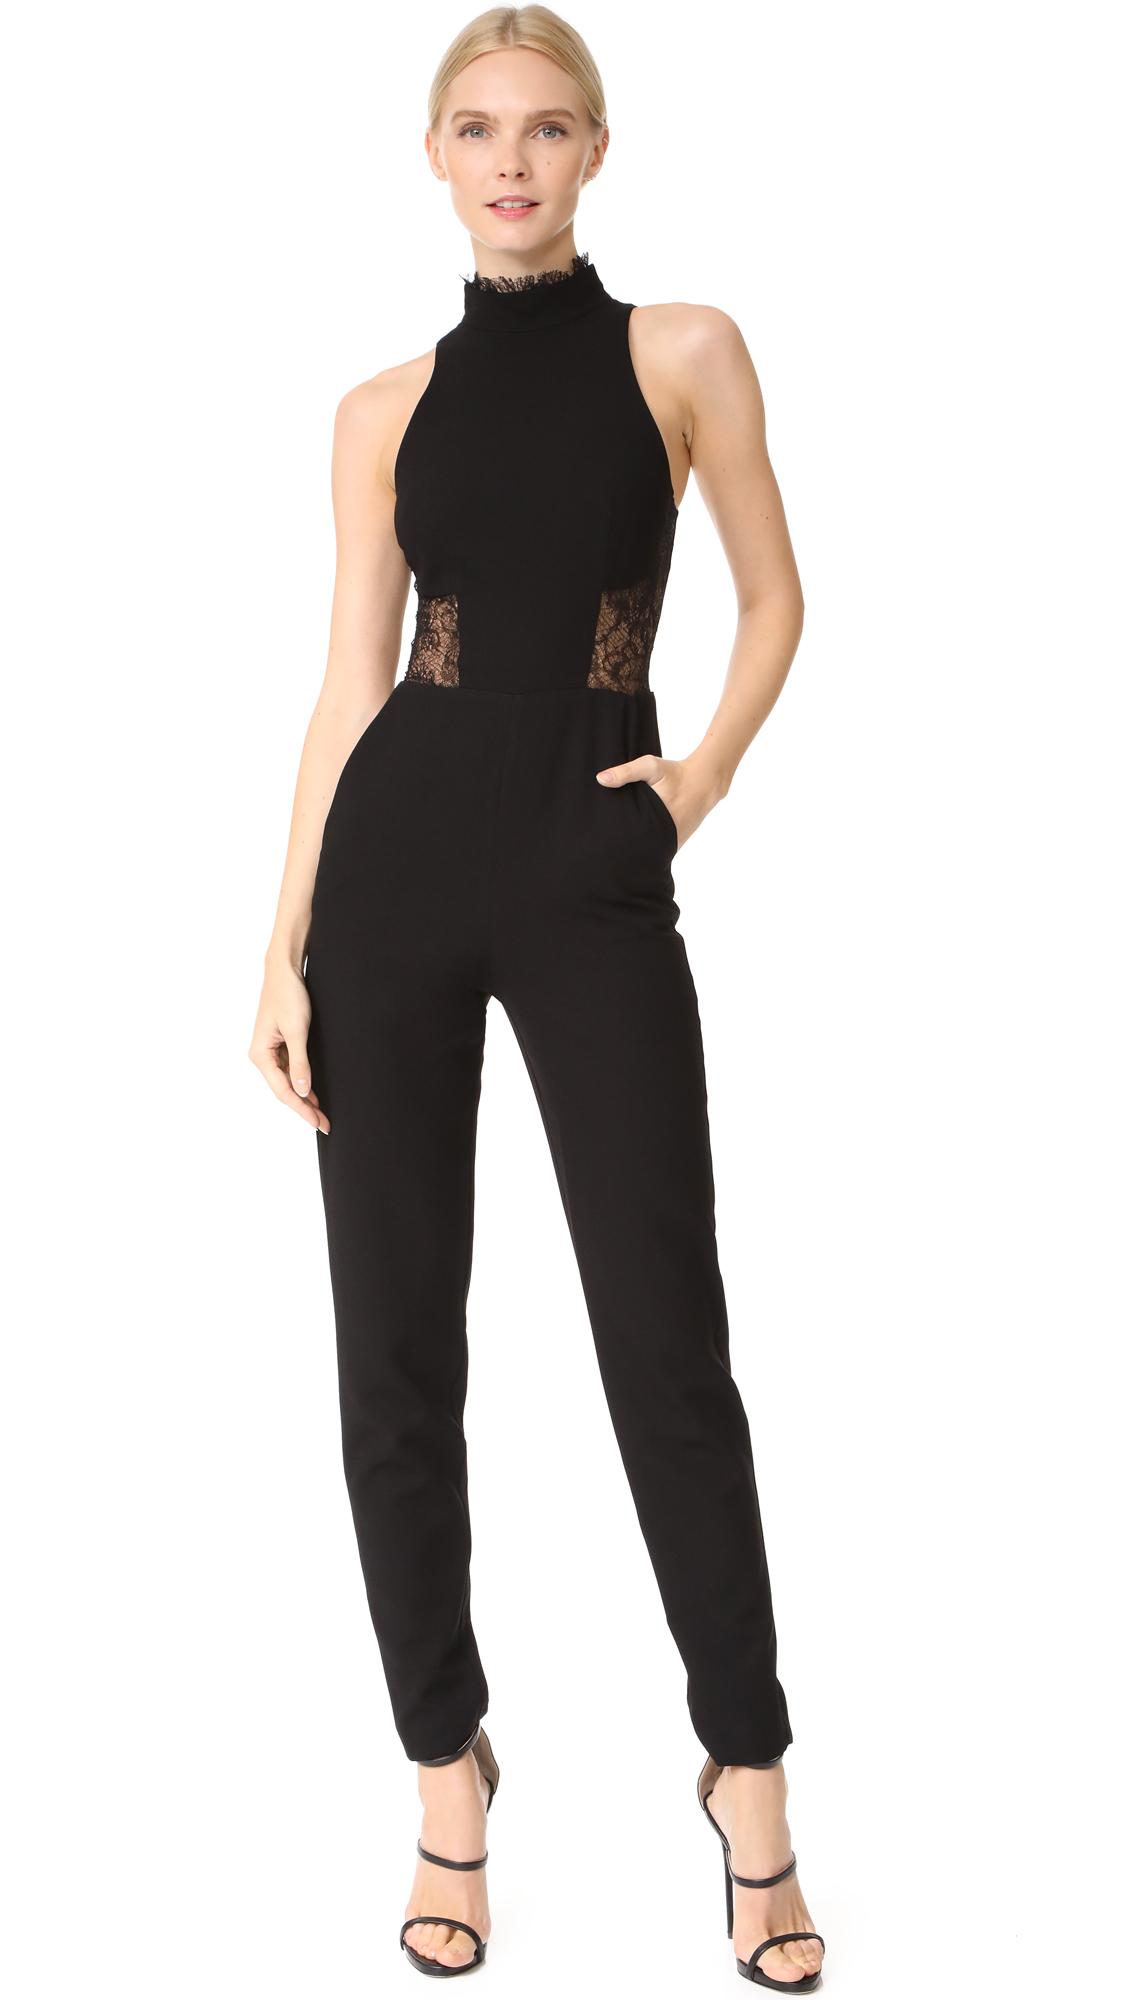 Nicholas Crepe Panel Lace Jumpsuit - Black